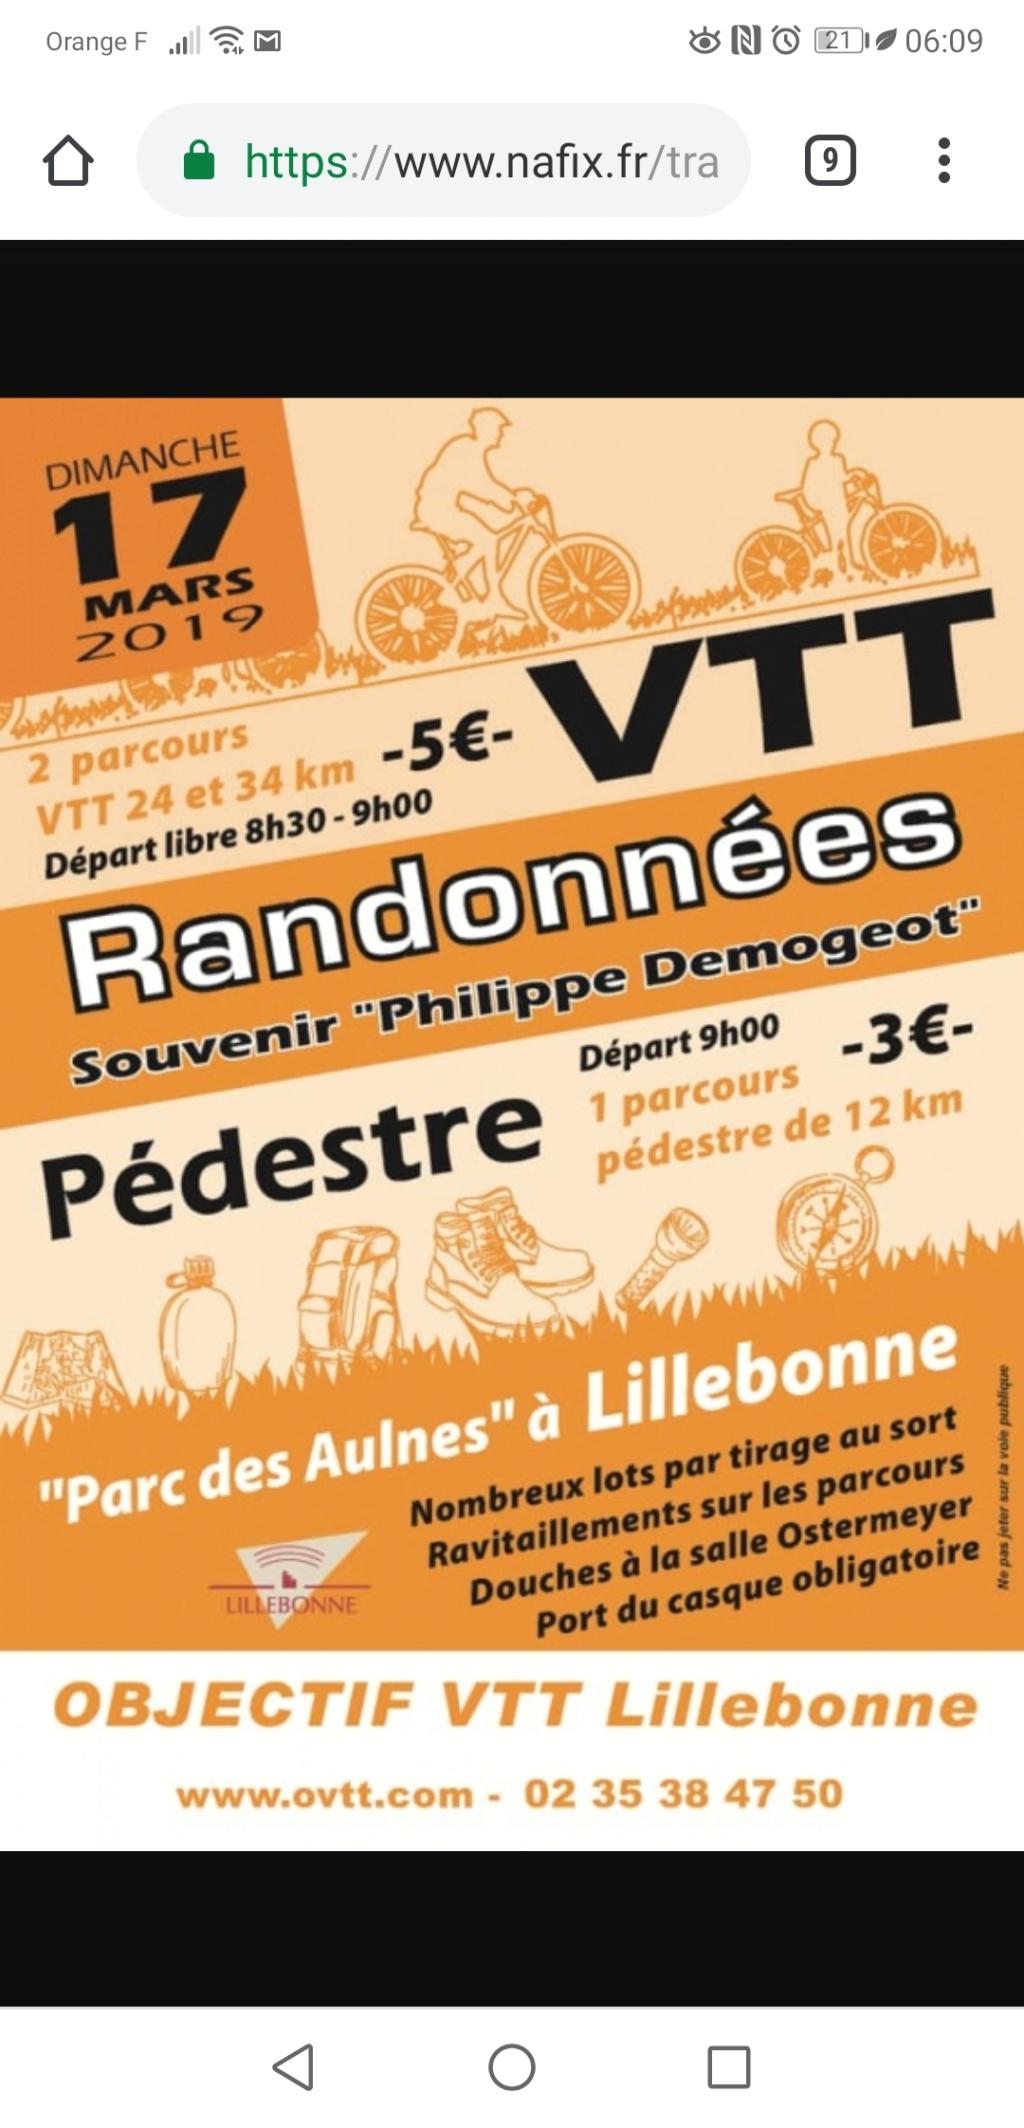 [Dimanche 17 Mars 2019] Randonnée Philippe Demogeot à Lillebonne (76) Screen10